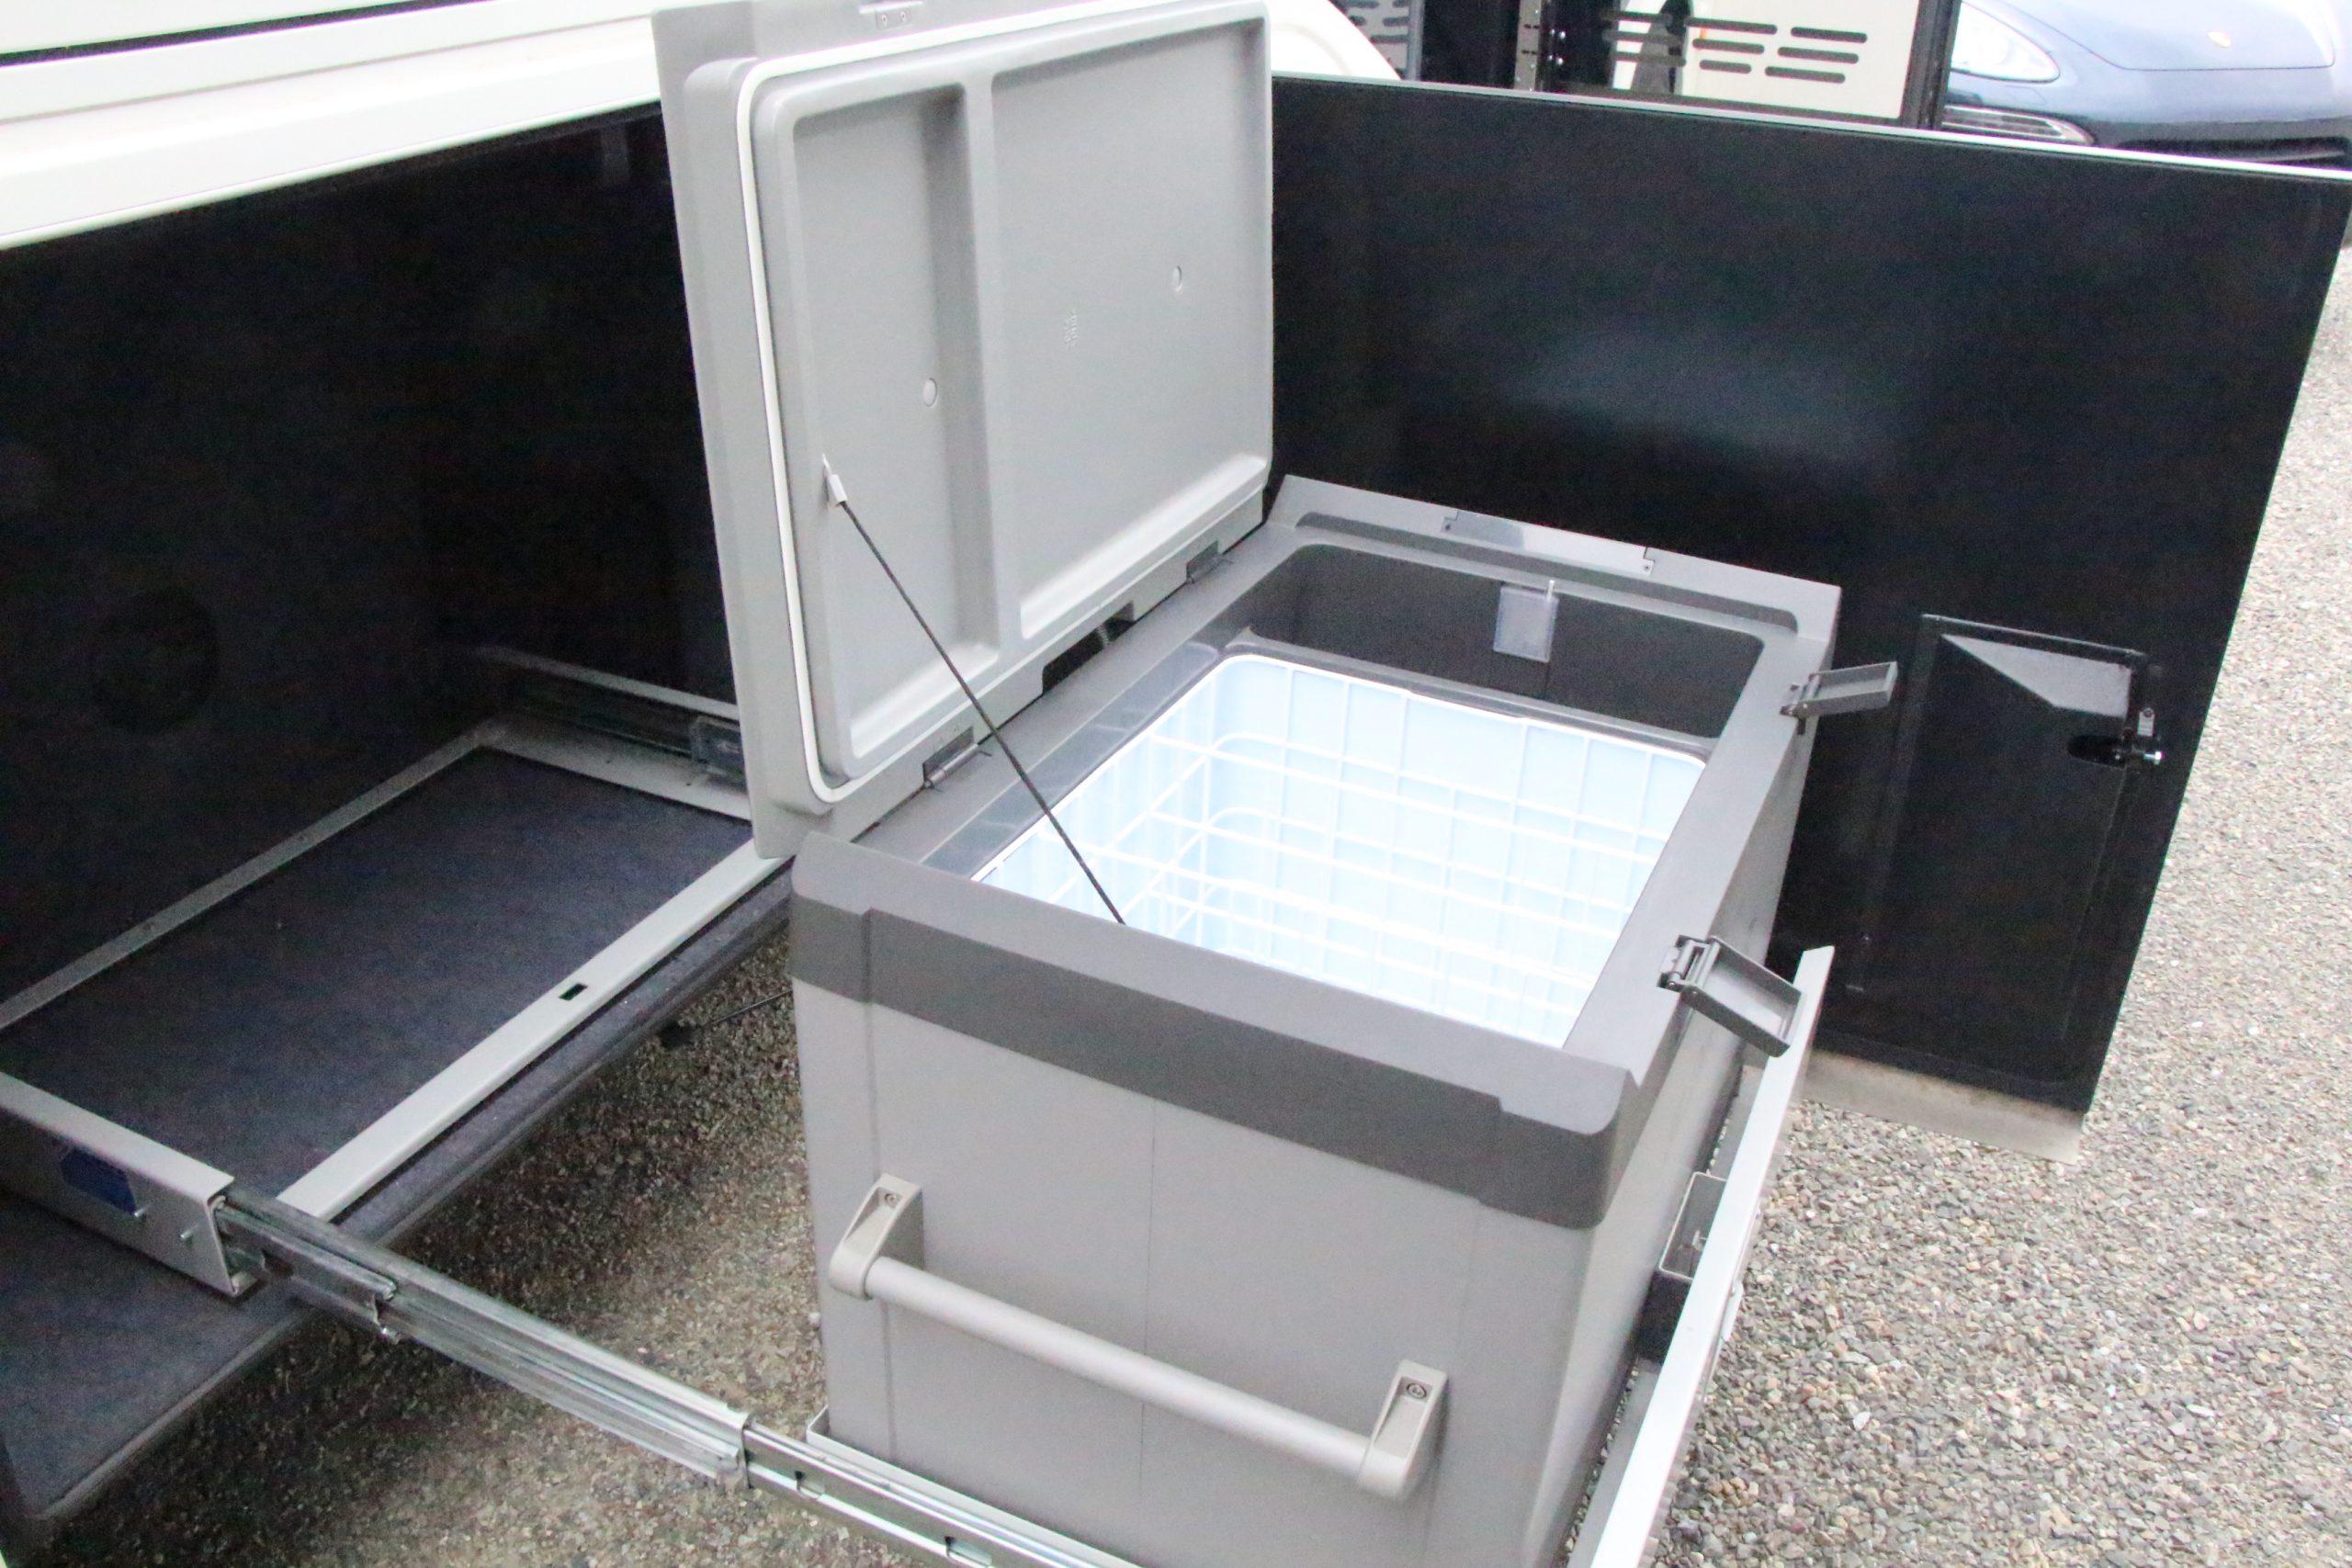 Basement cooler/freezer